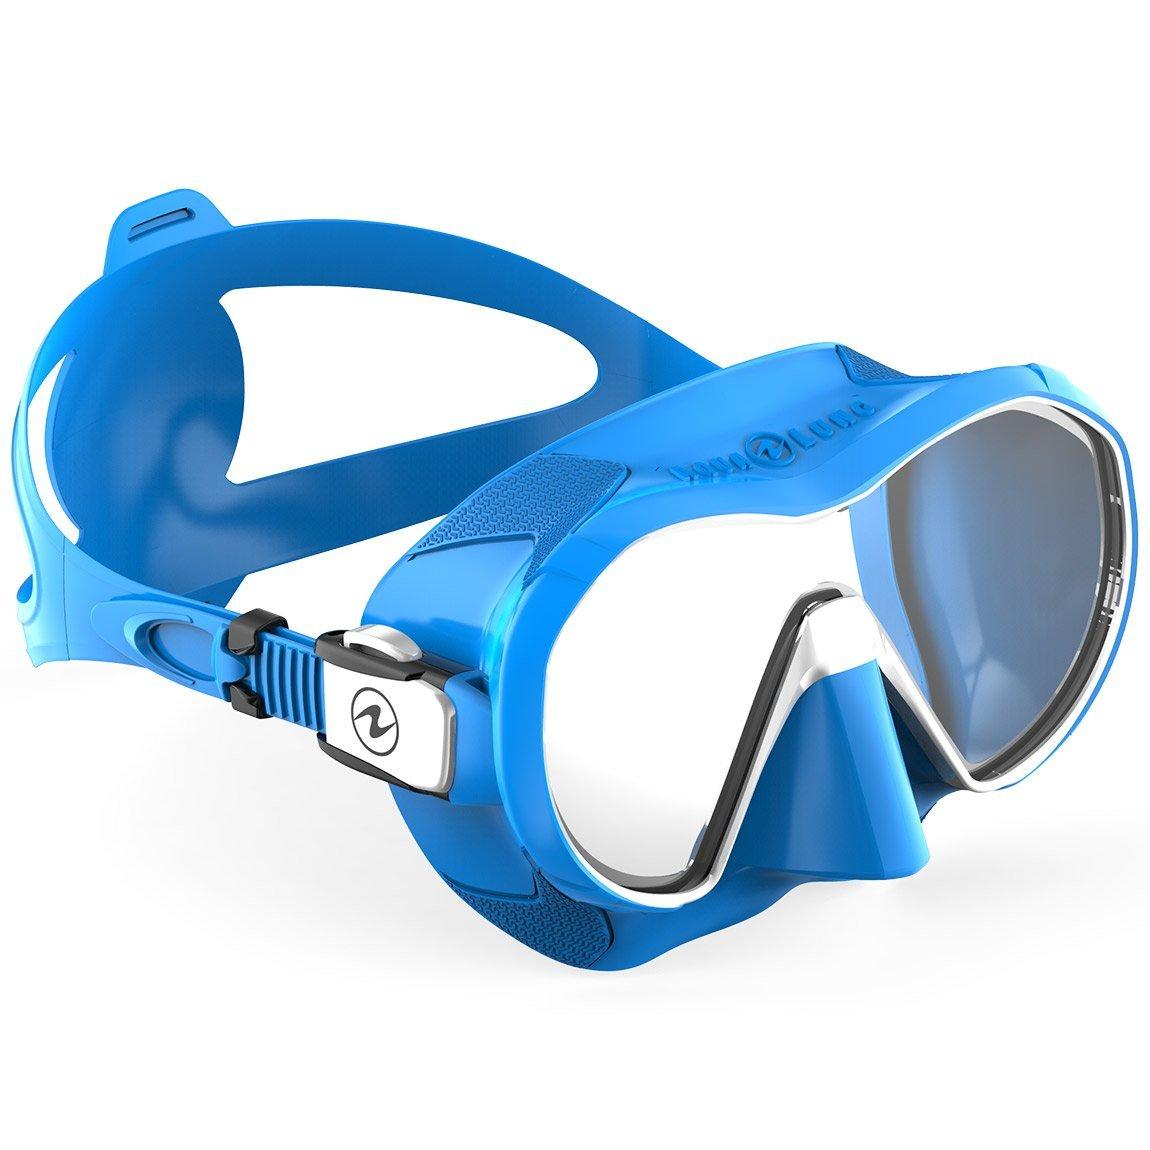 Plazma mask